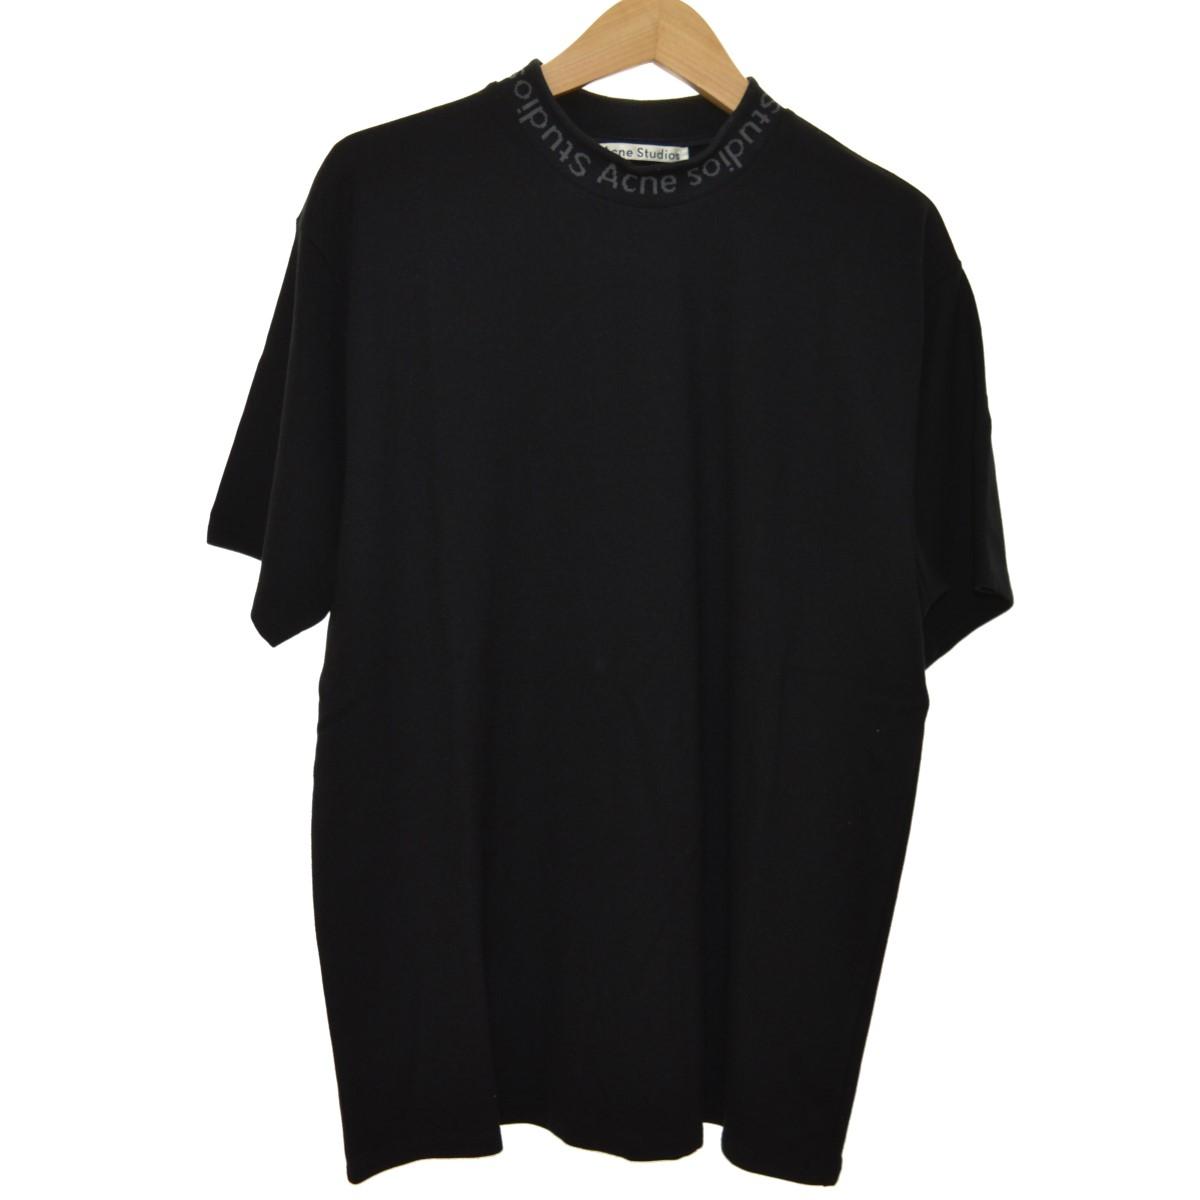 【中古】ACNE STUDIOS 19SS NAVID TEE ハイネックTシャツ ブラック サイズ:M 【110420】(アクネストゥディオズ)